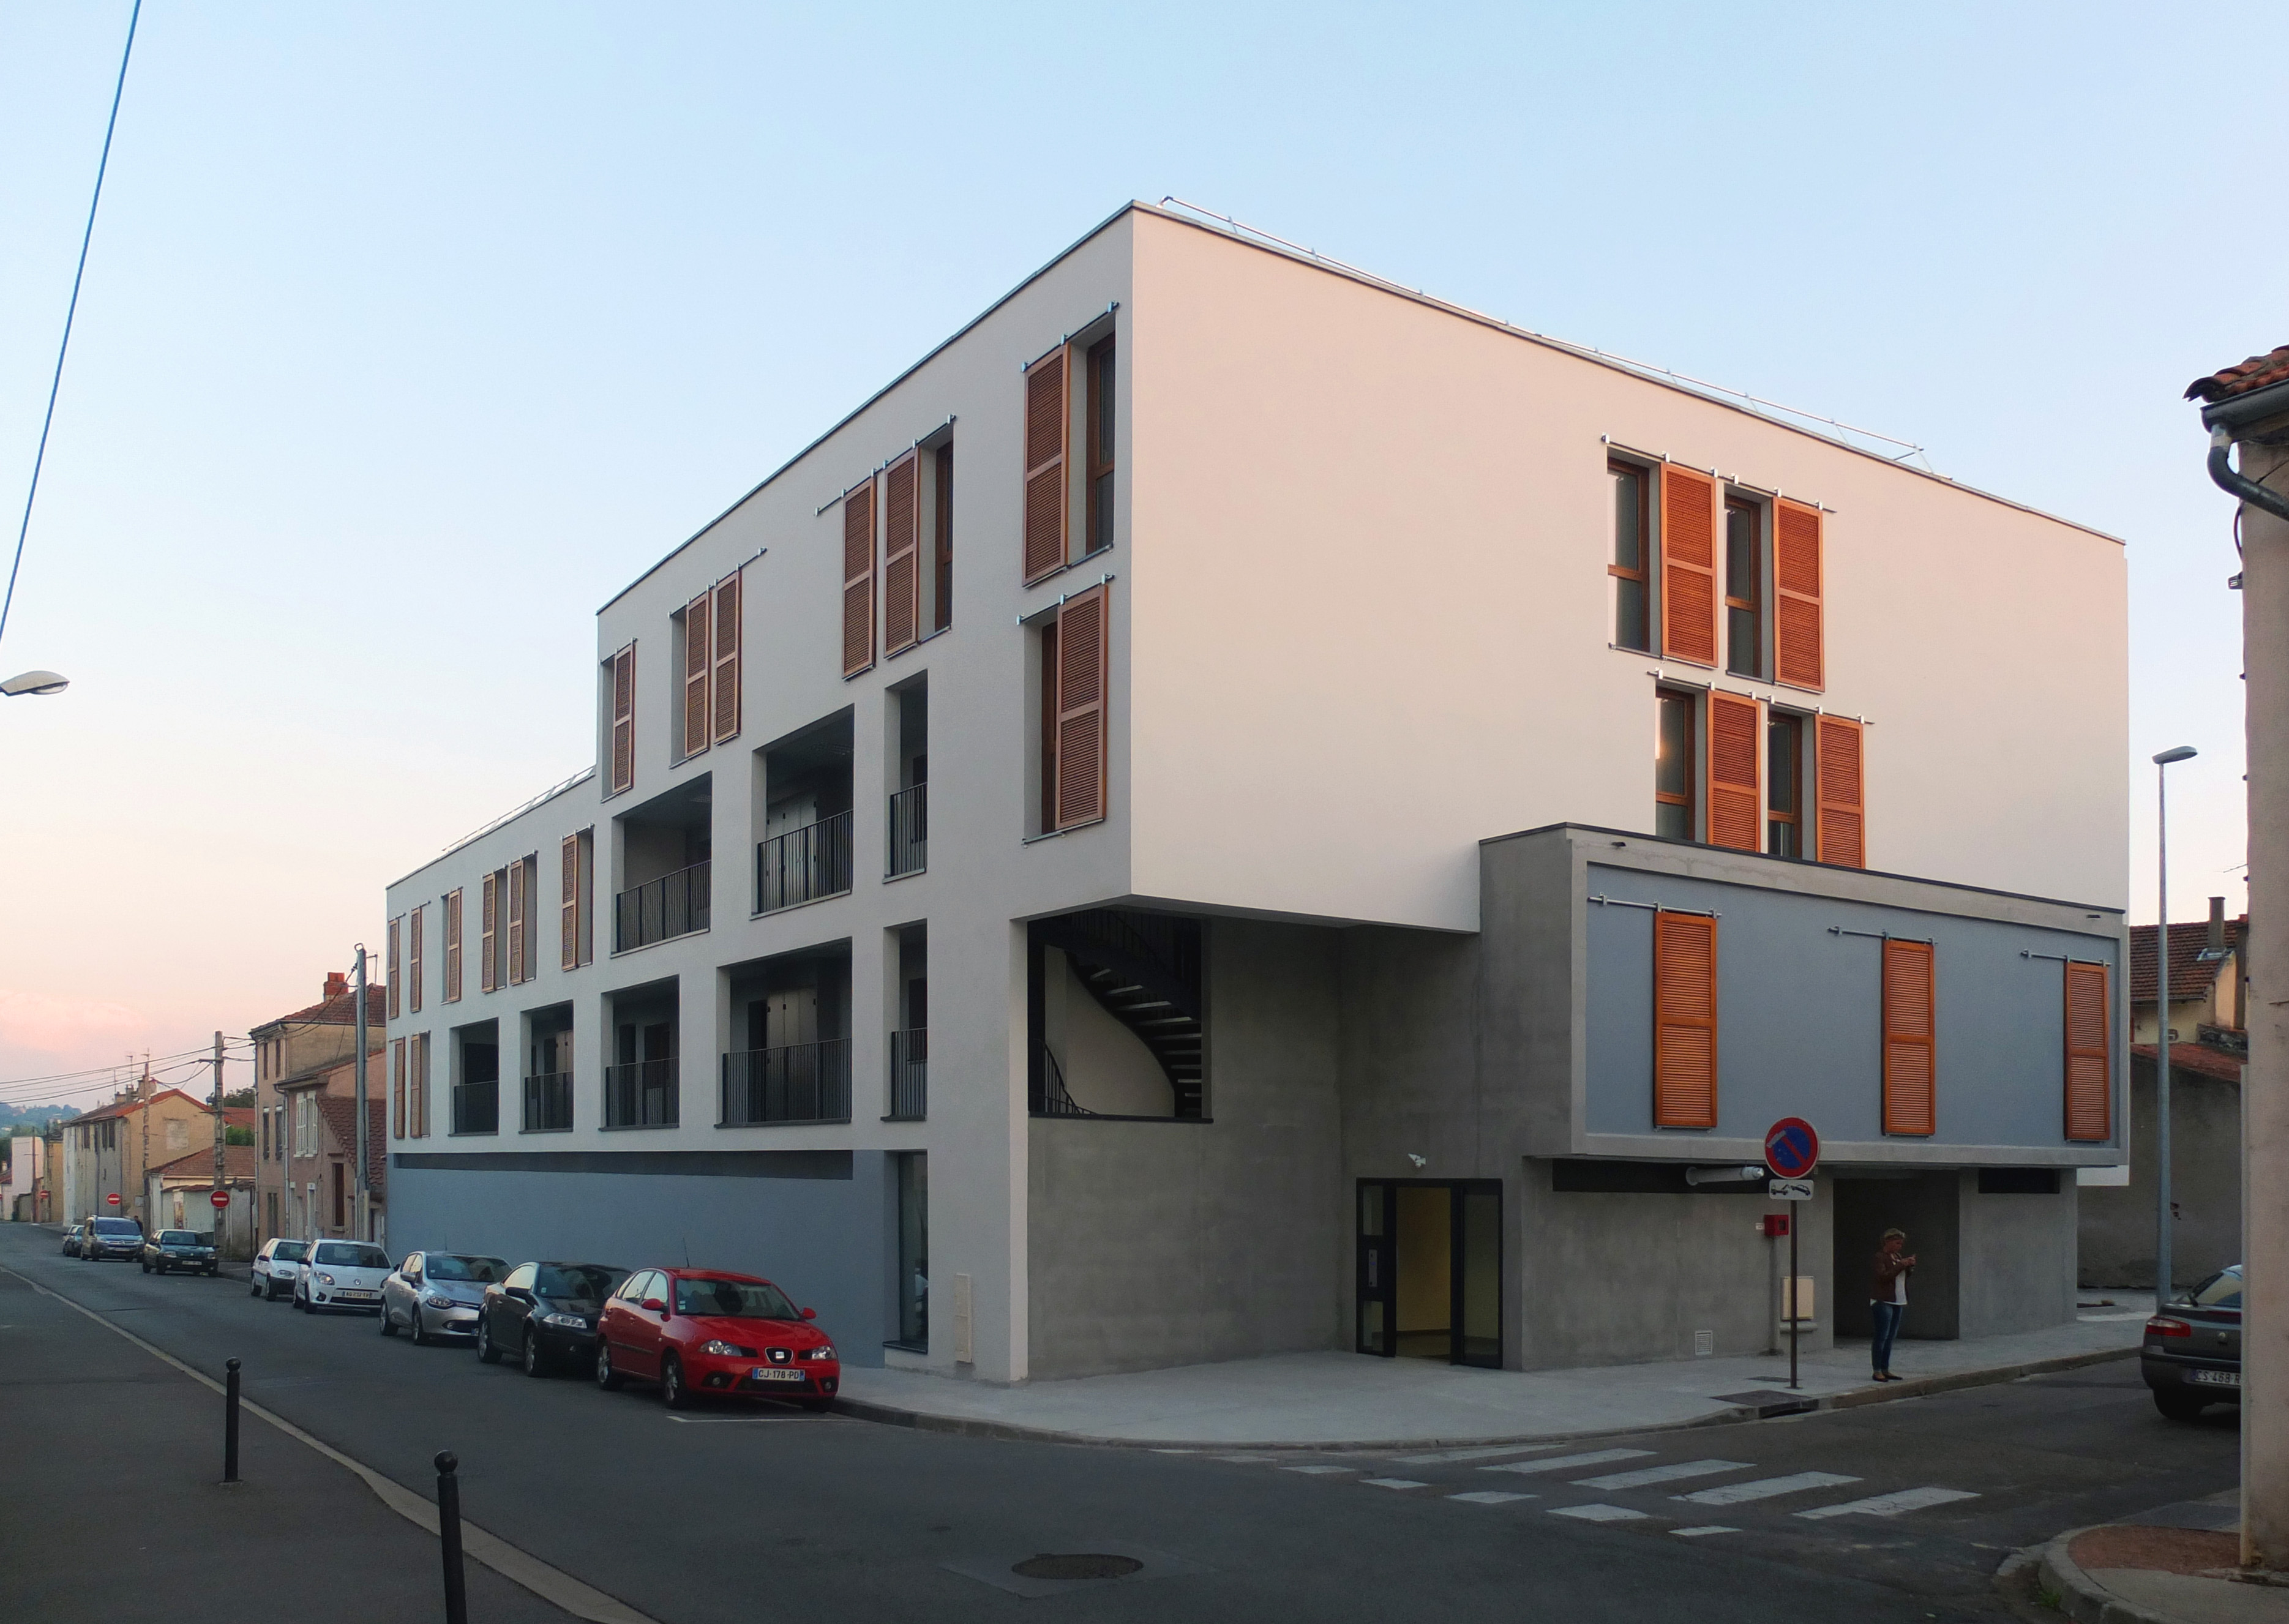 Chantier roanne zoomfactor architectes paris for Chantier architecte